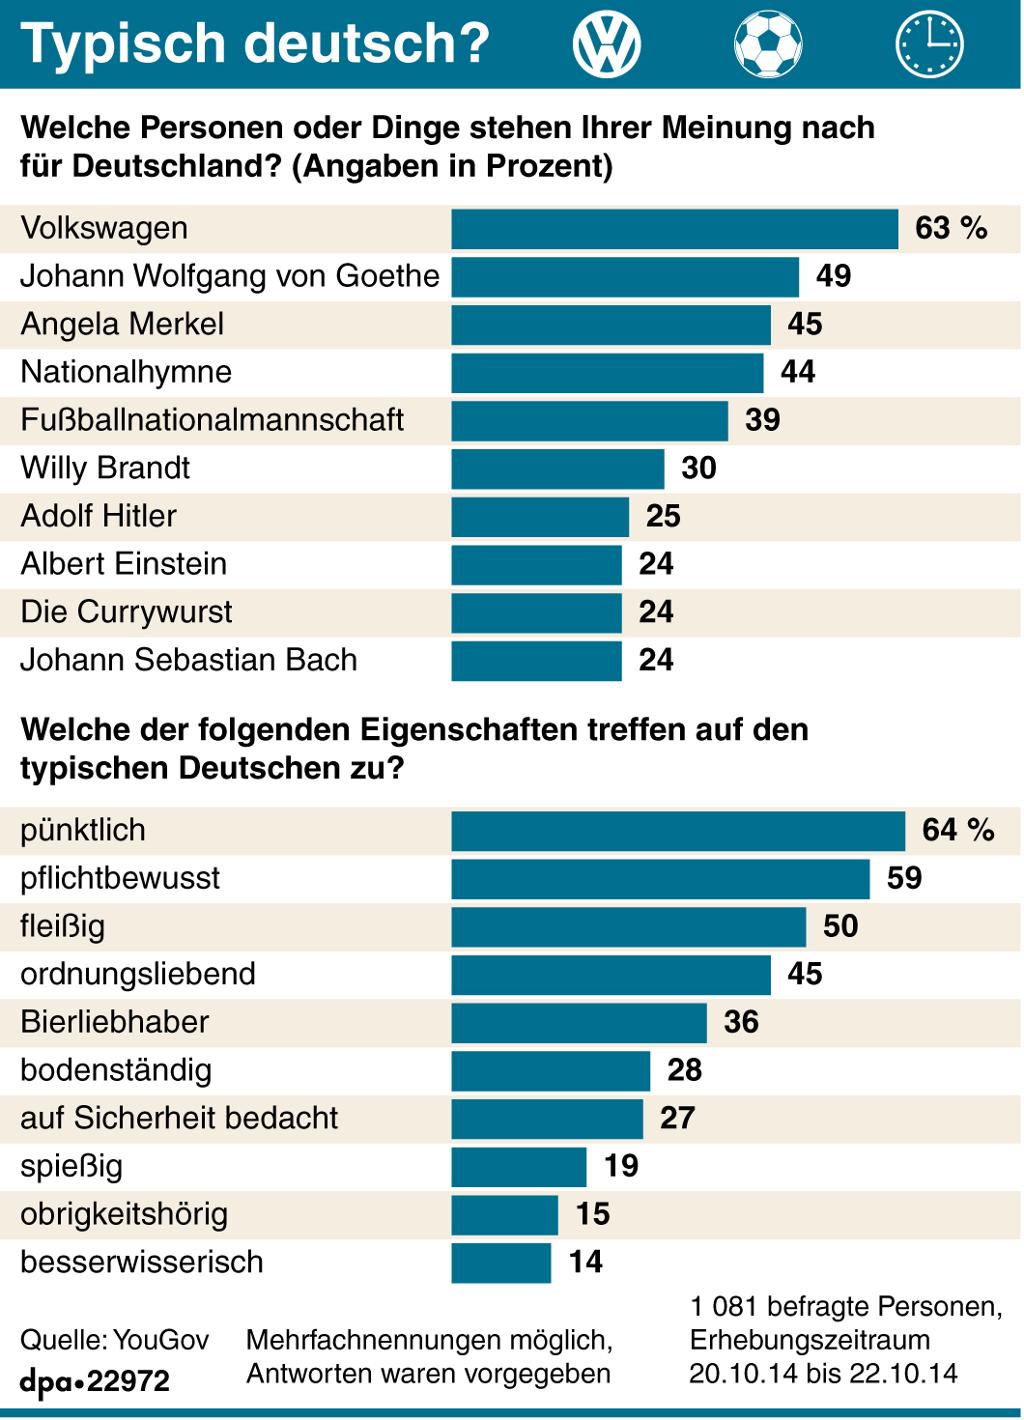 Grafikk om tyskernes vurdering av hva som er typisk tysk: personer, merkevarer og egenskaper.